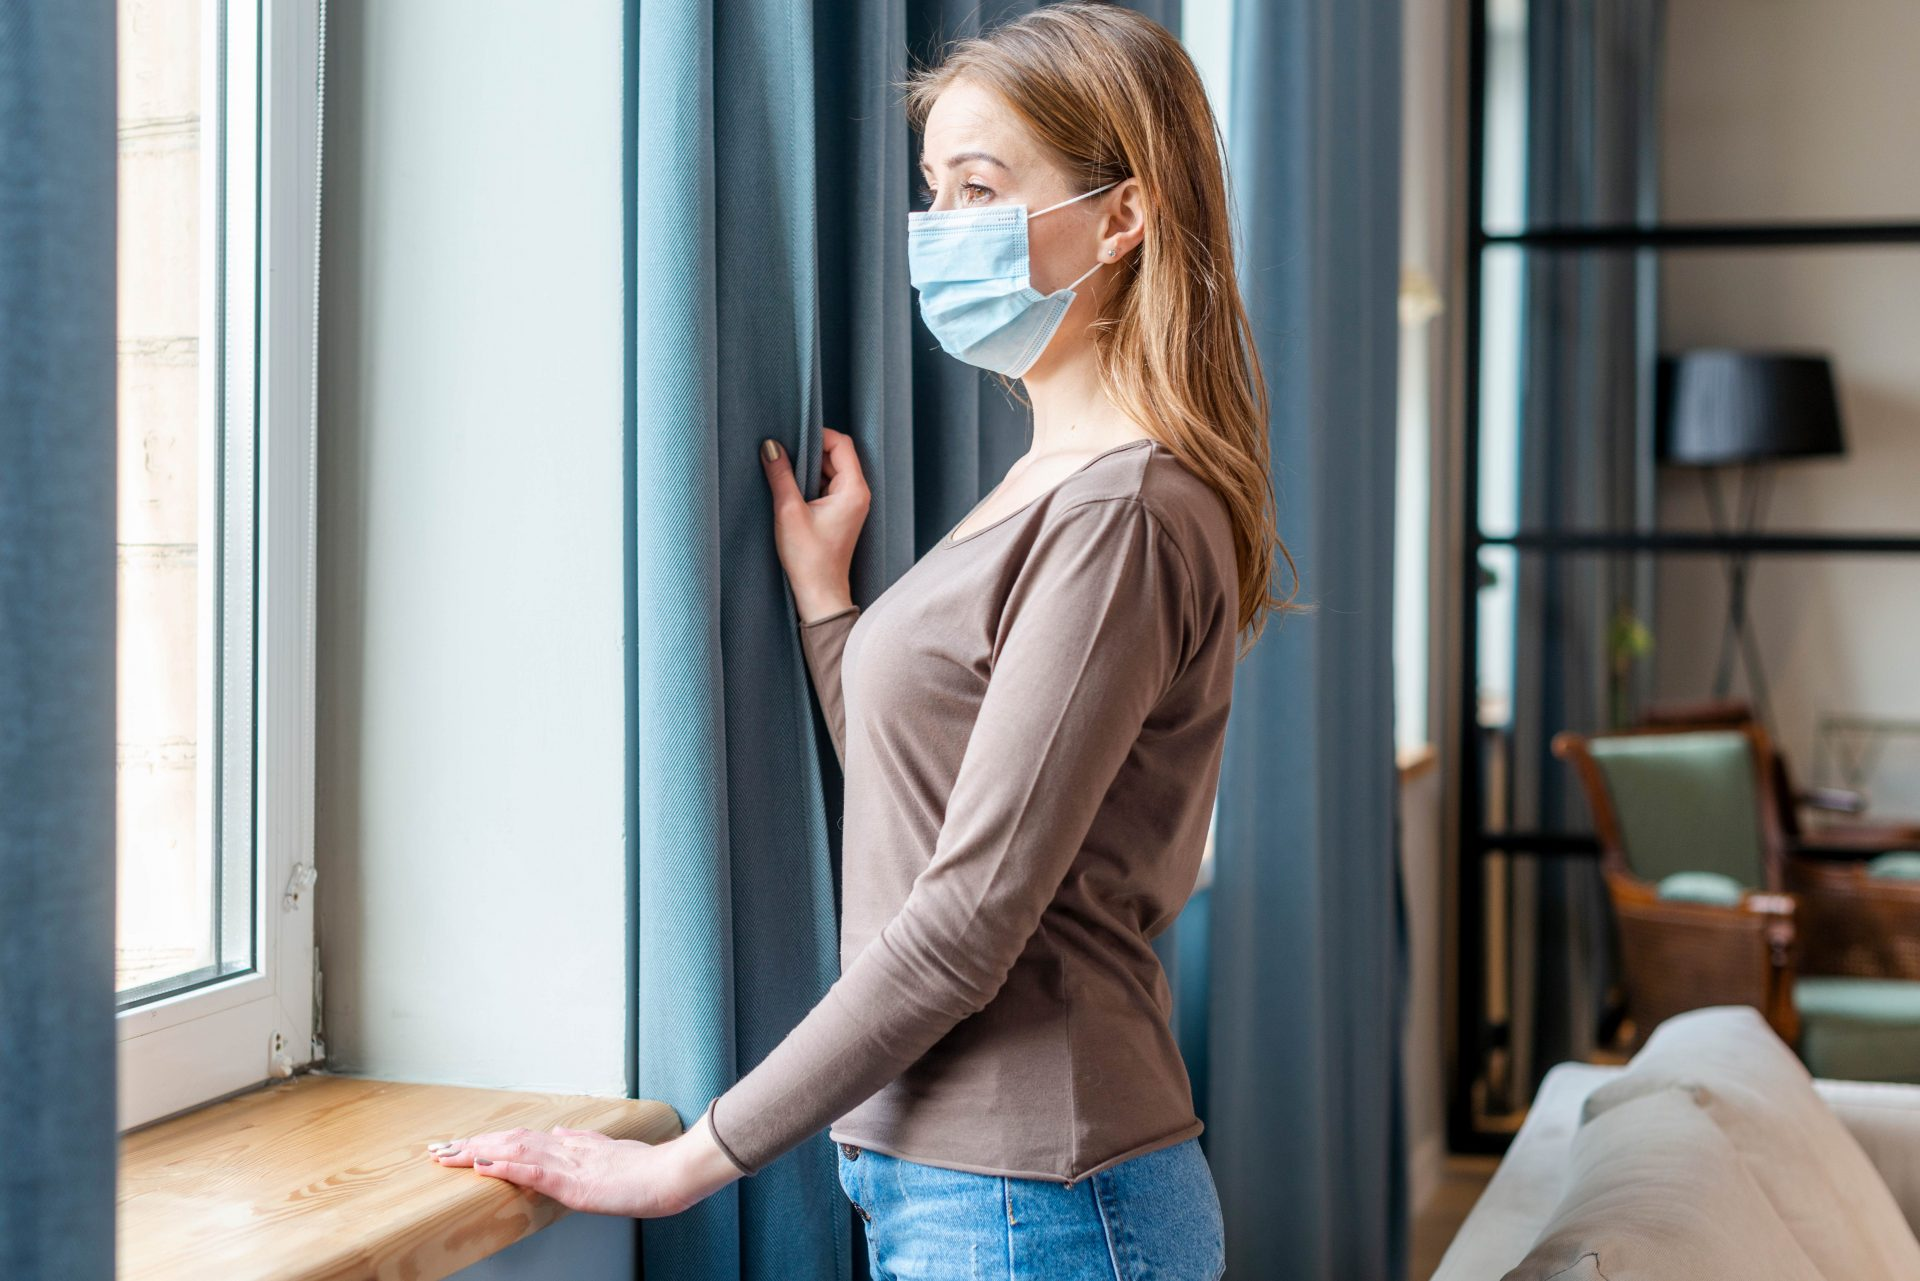 Cuidados para pacientes com Covid-19 em tratamento domiciliar